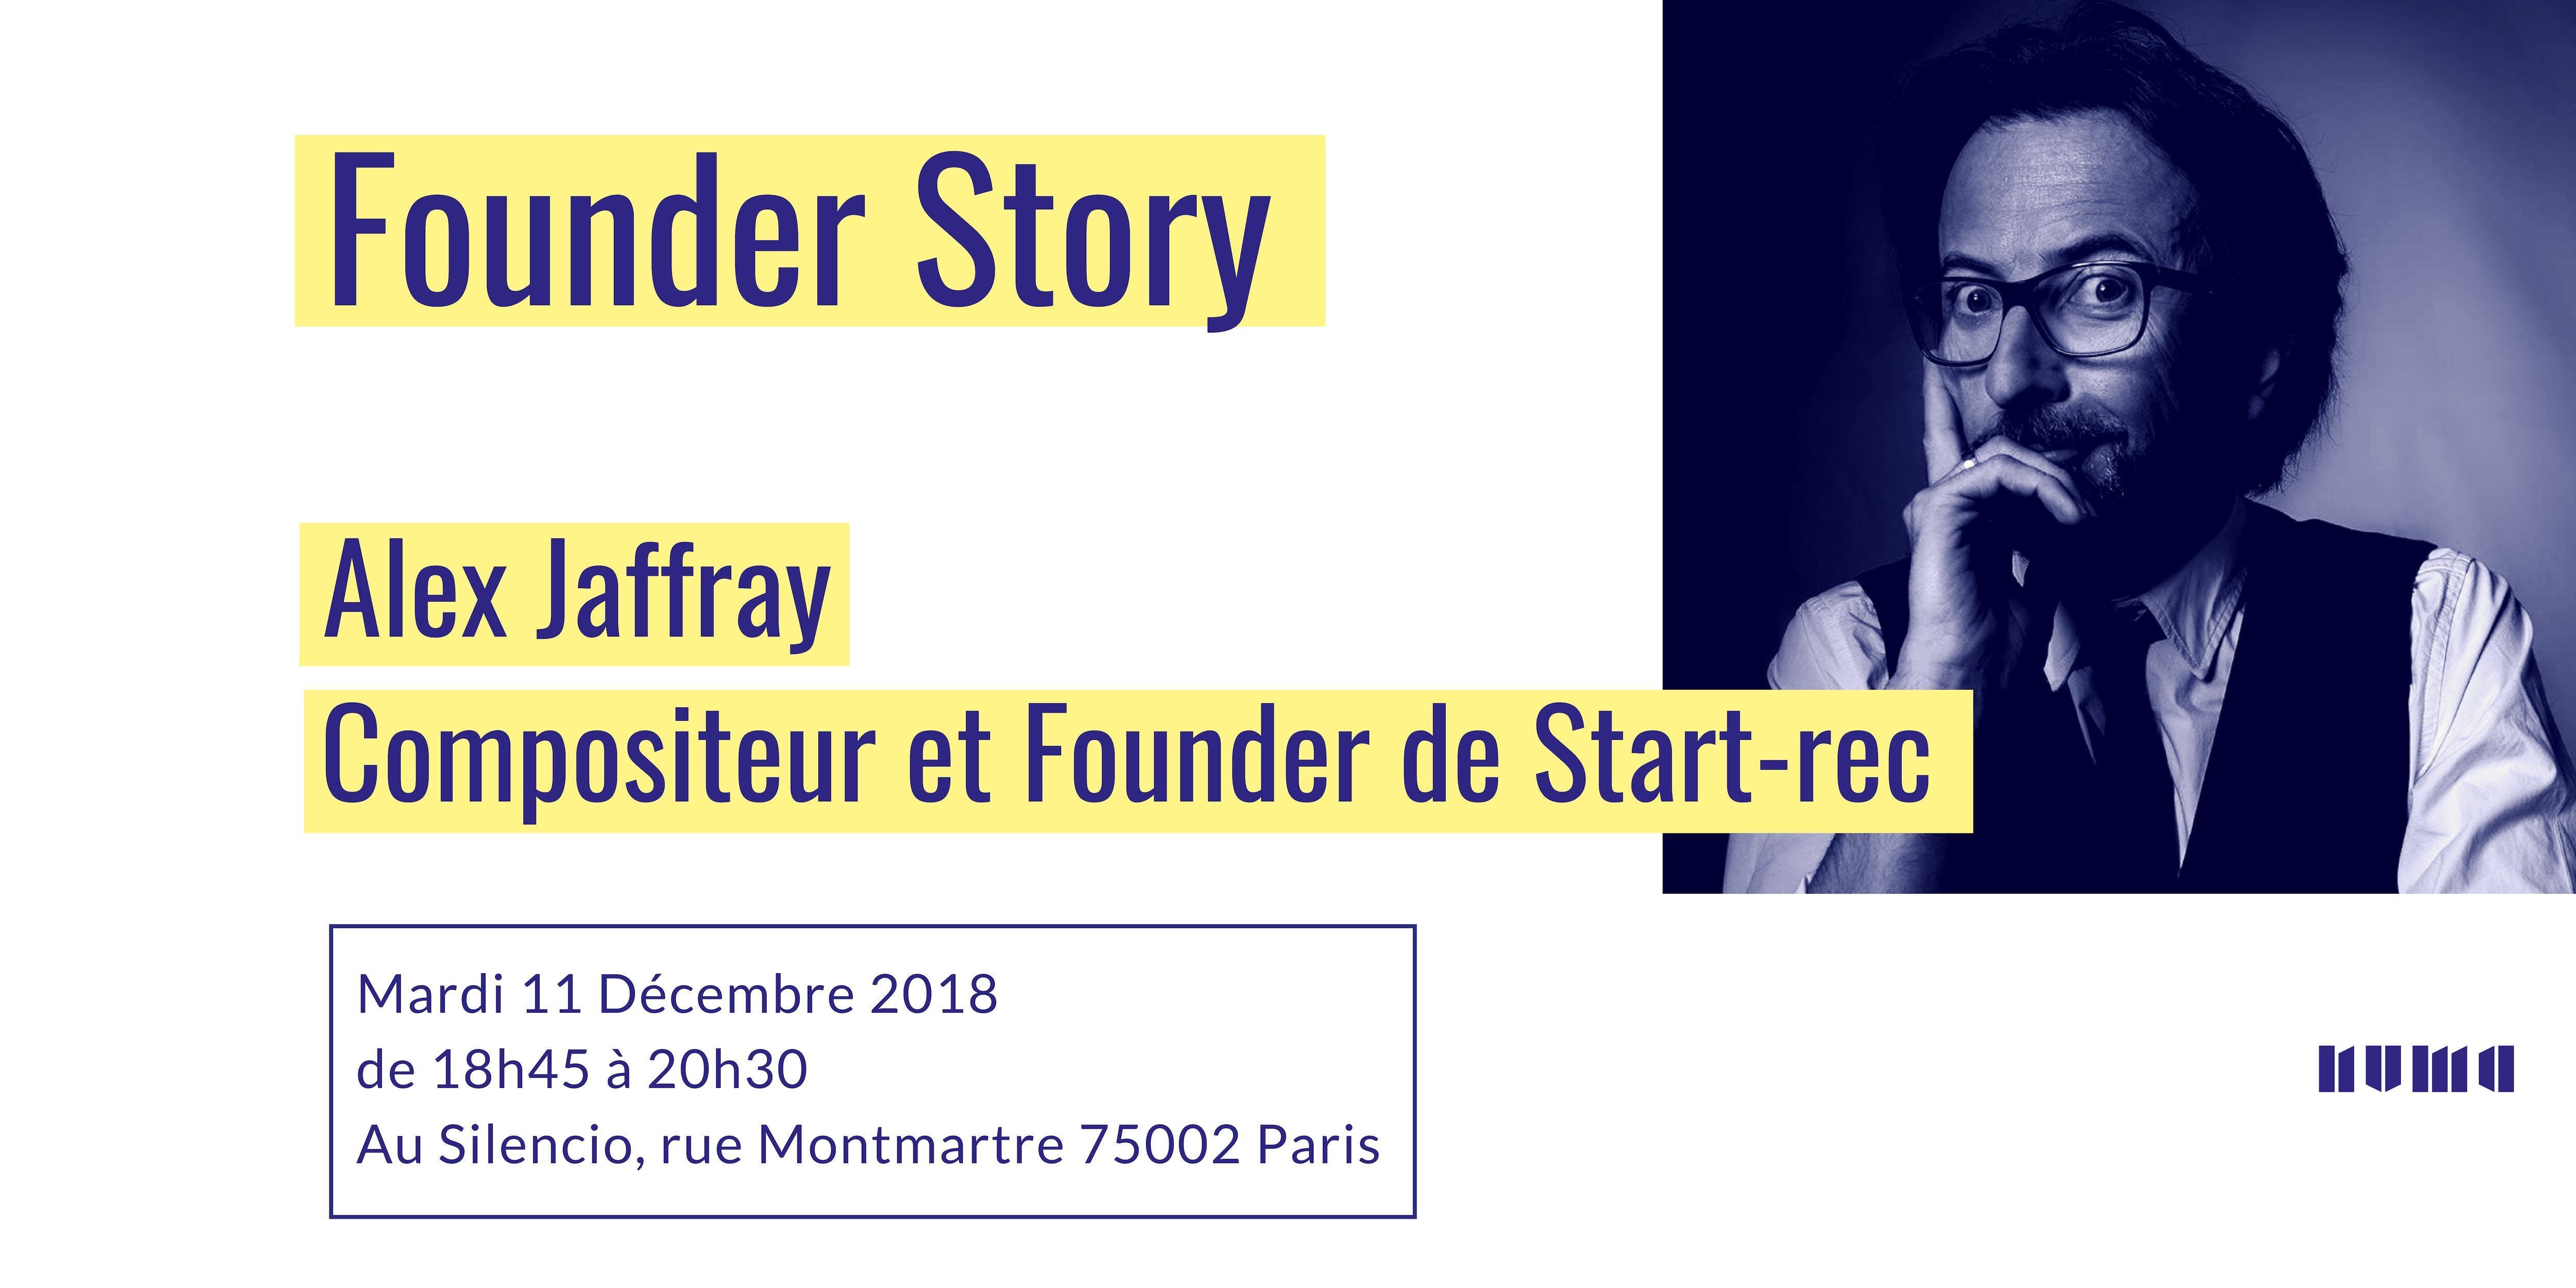 FounderStory au Silencio - Alex Jaffray, comp